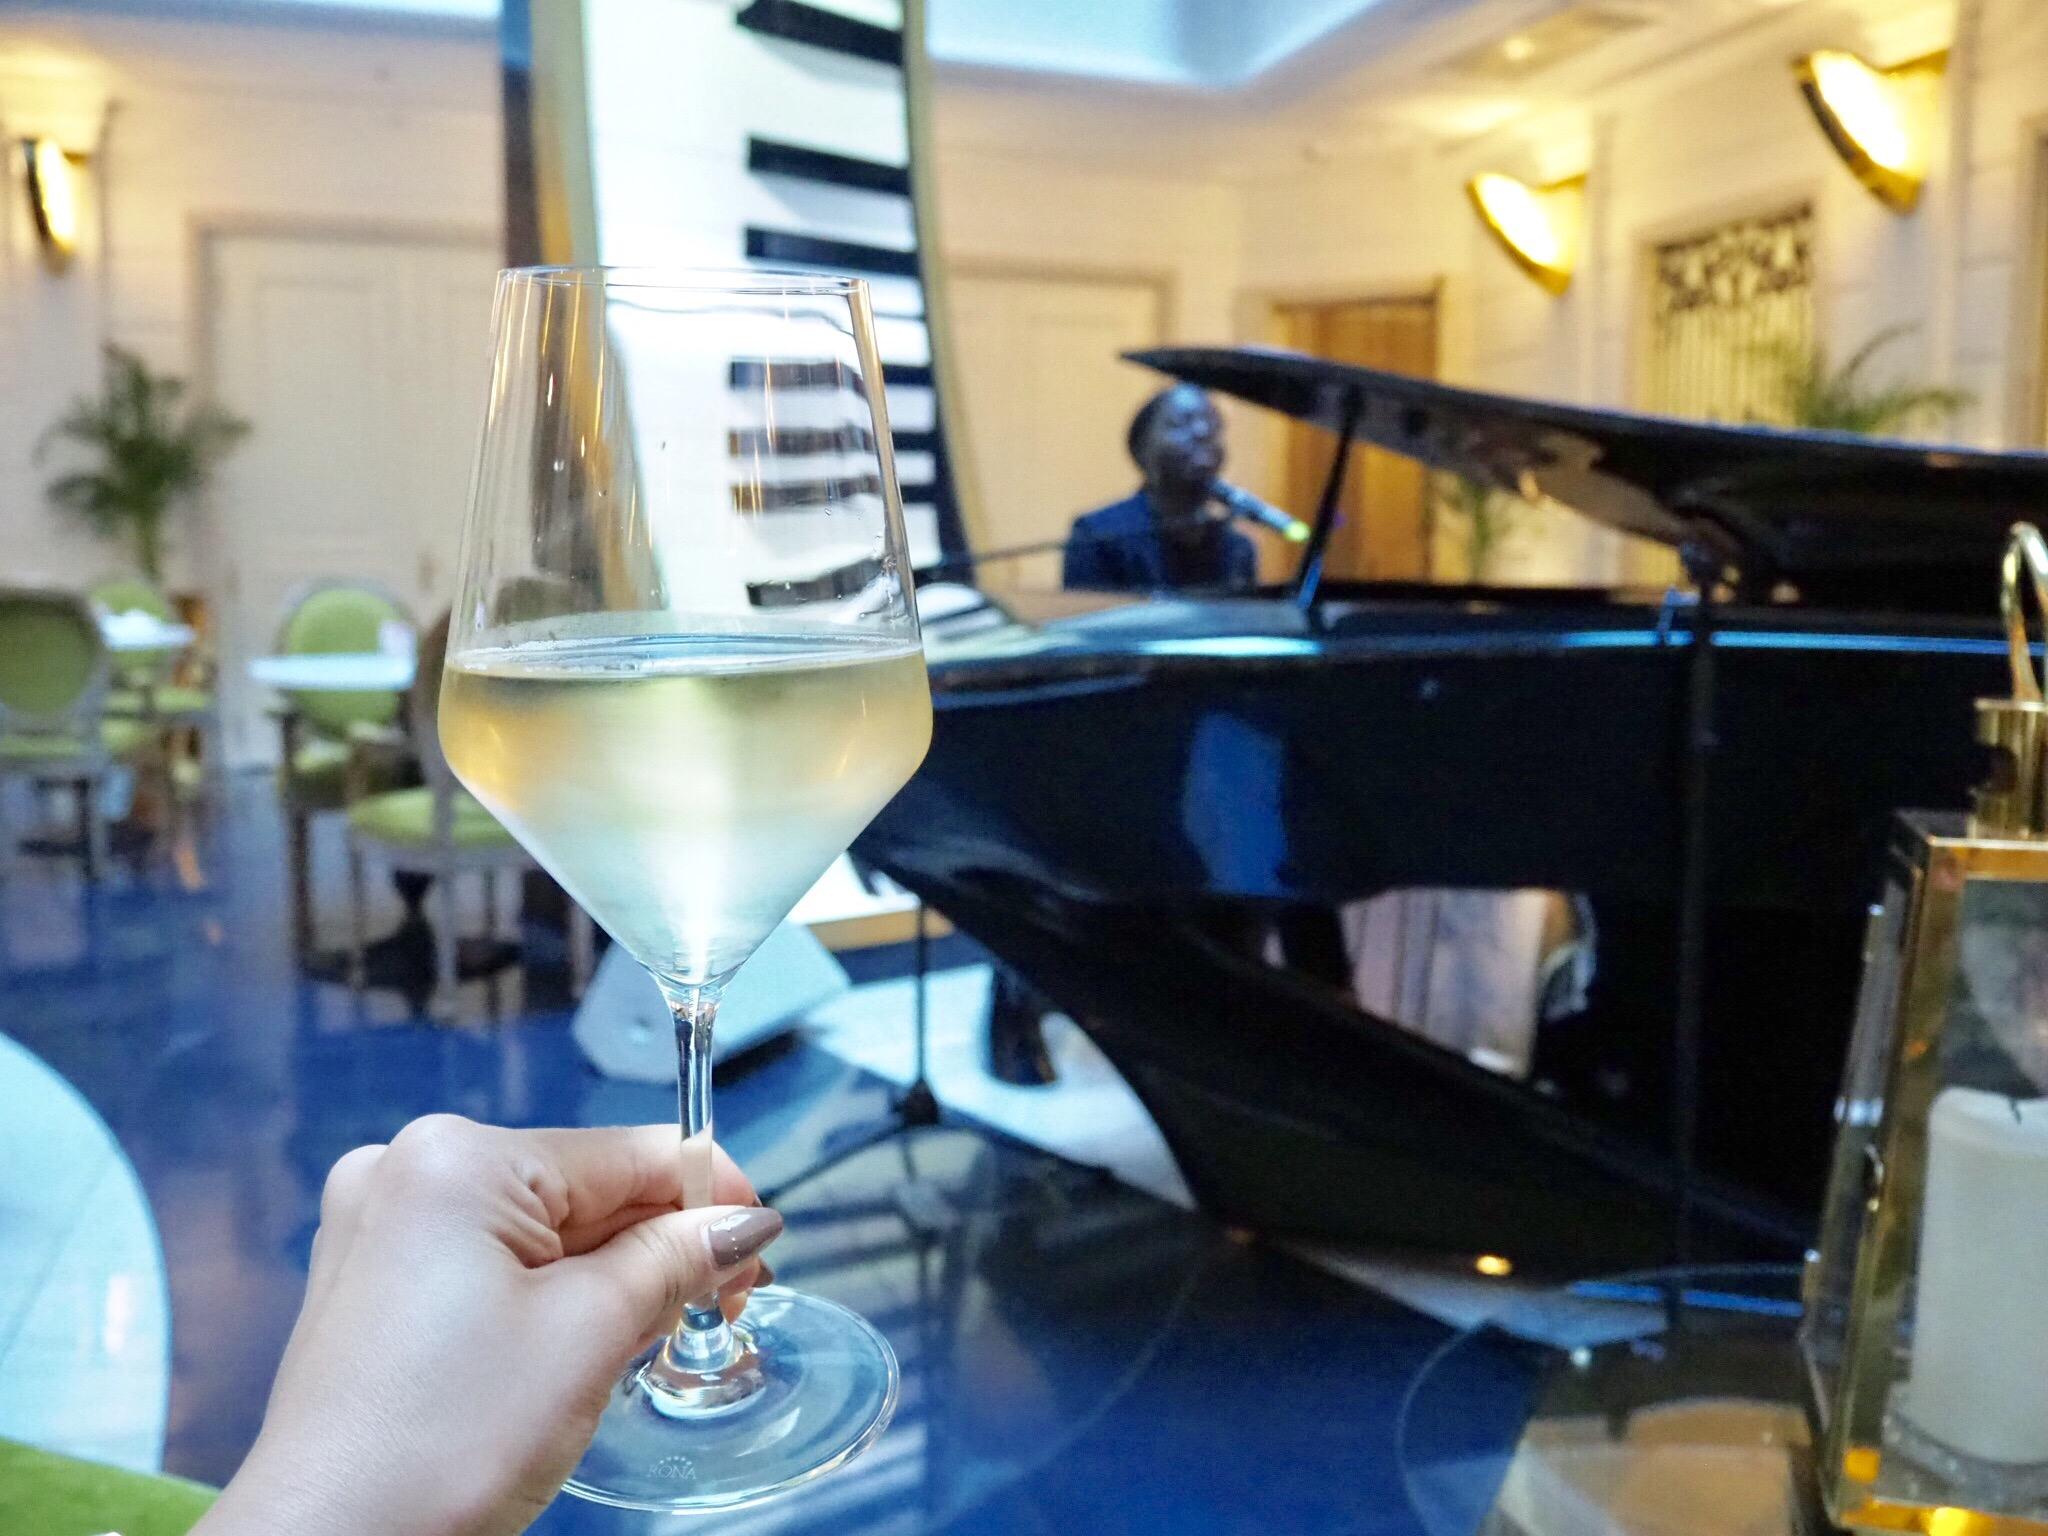 img 4484 - Aria Hotel Budapest - 音楽に囲まれて過ごすブダペストのラグジュアリーブティックホテルの魅力